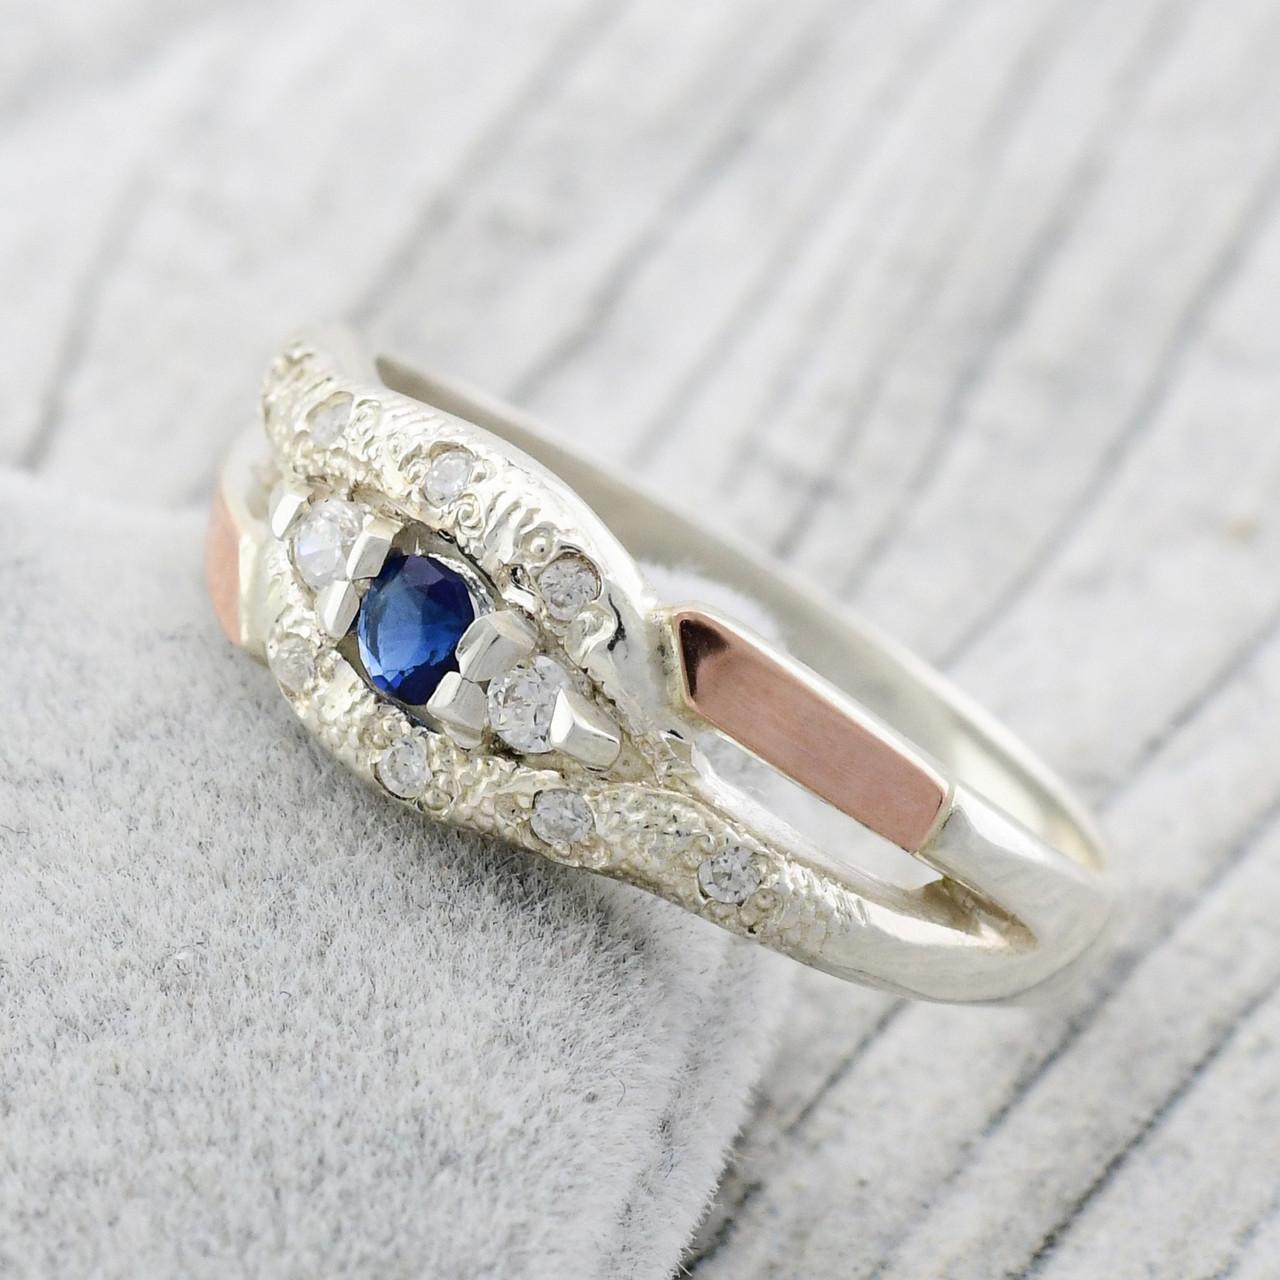 Серебряное кольцо с золотом Камила вставка синие фианиты вес 2.3 г размер 18